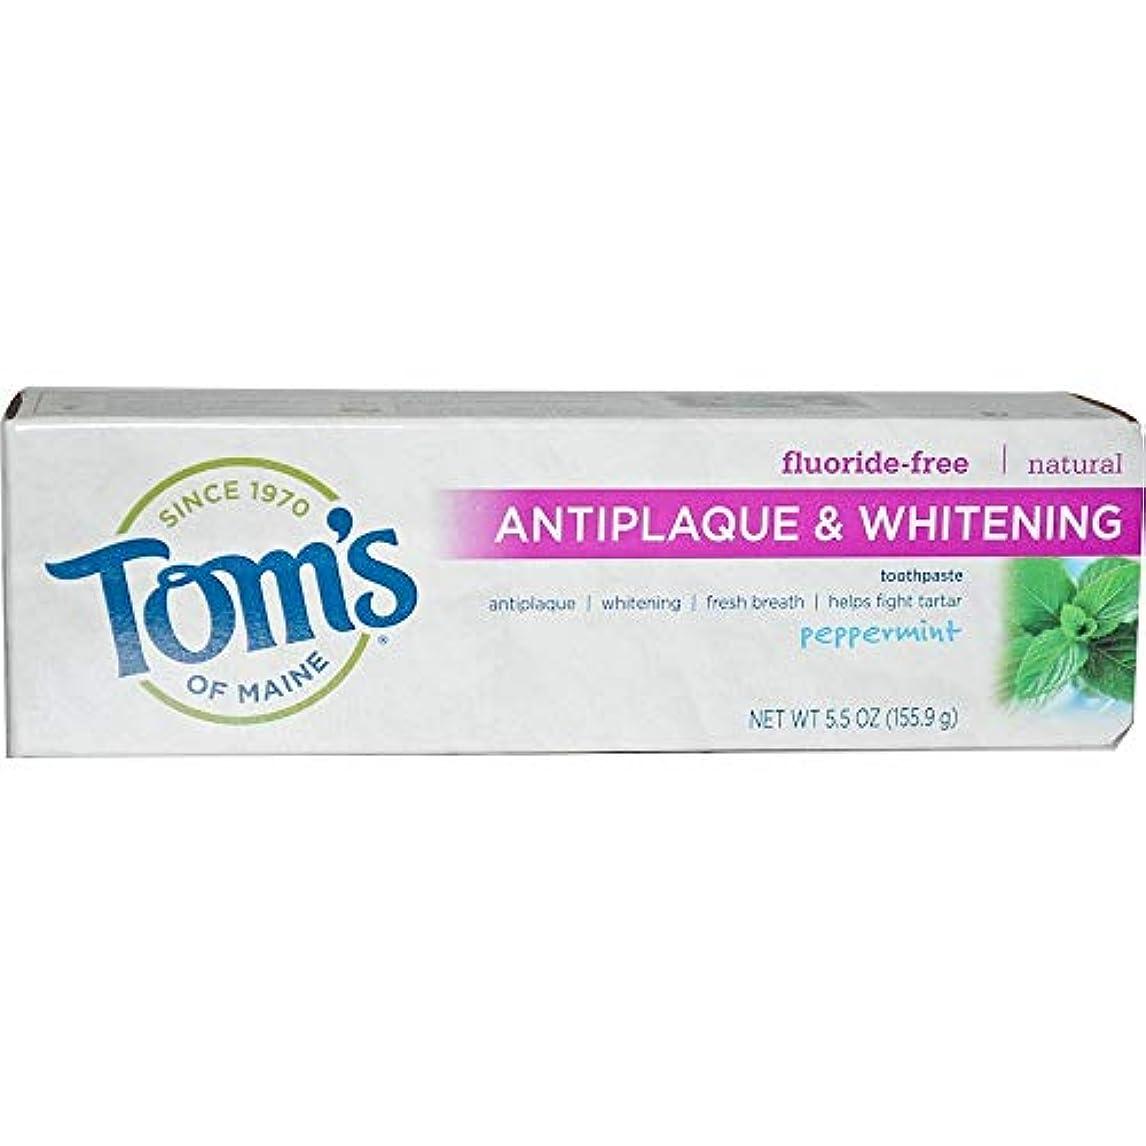 使用法強制実験をする<ペパーミント>アンチプラーク&ホワイトニング ハミガキ粉(フッ素フリー)155.9g入りX 3 Pack [並行輸入品]